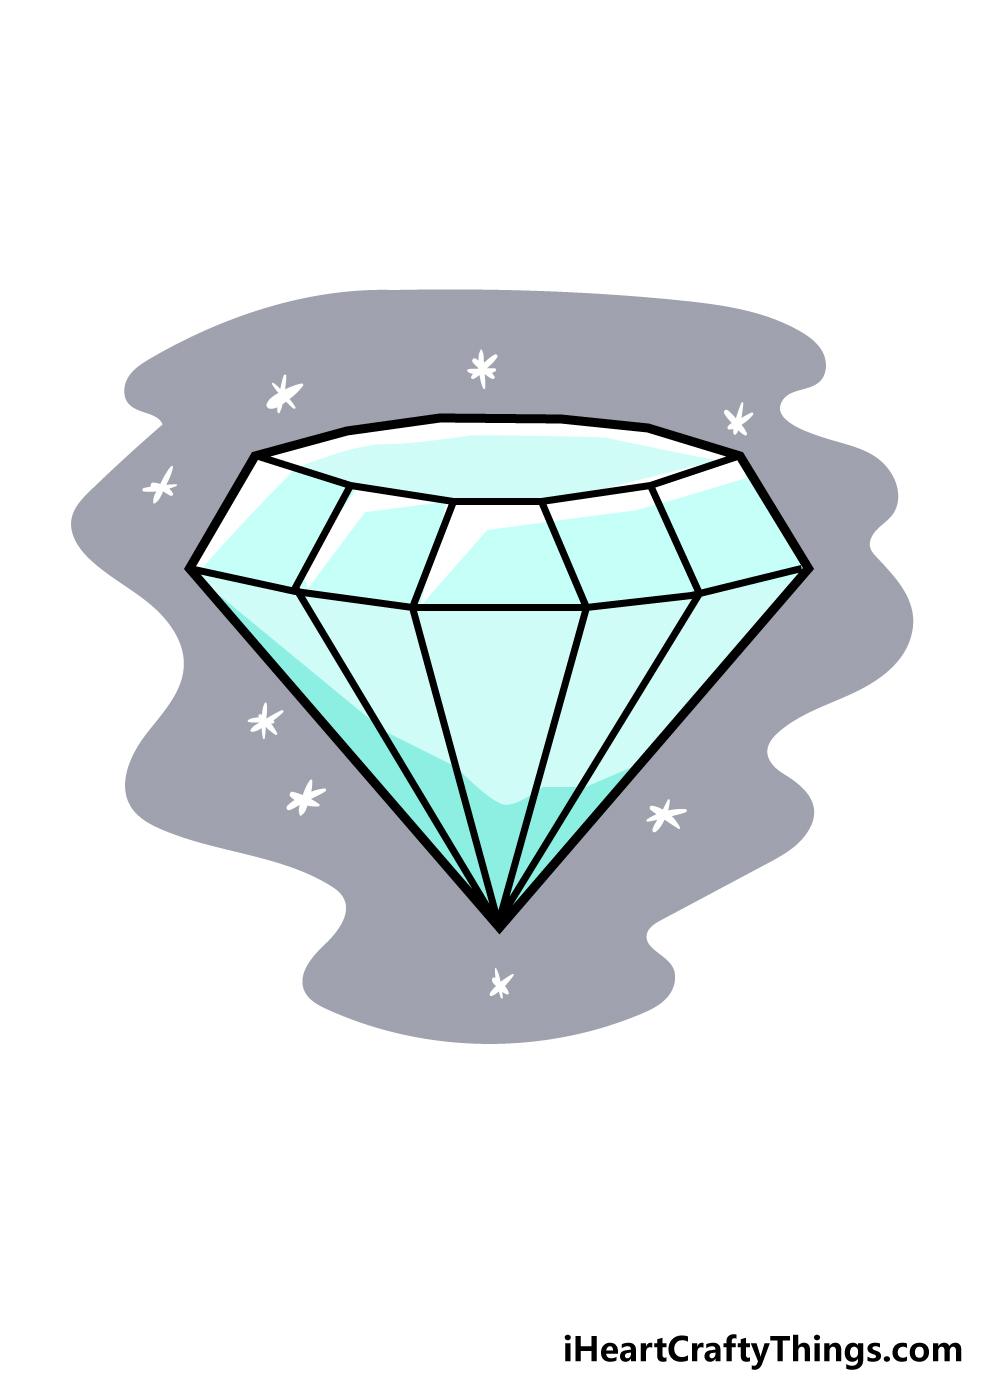 diamond drawing step 6